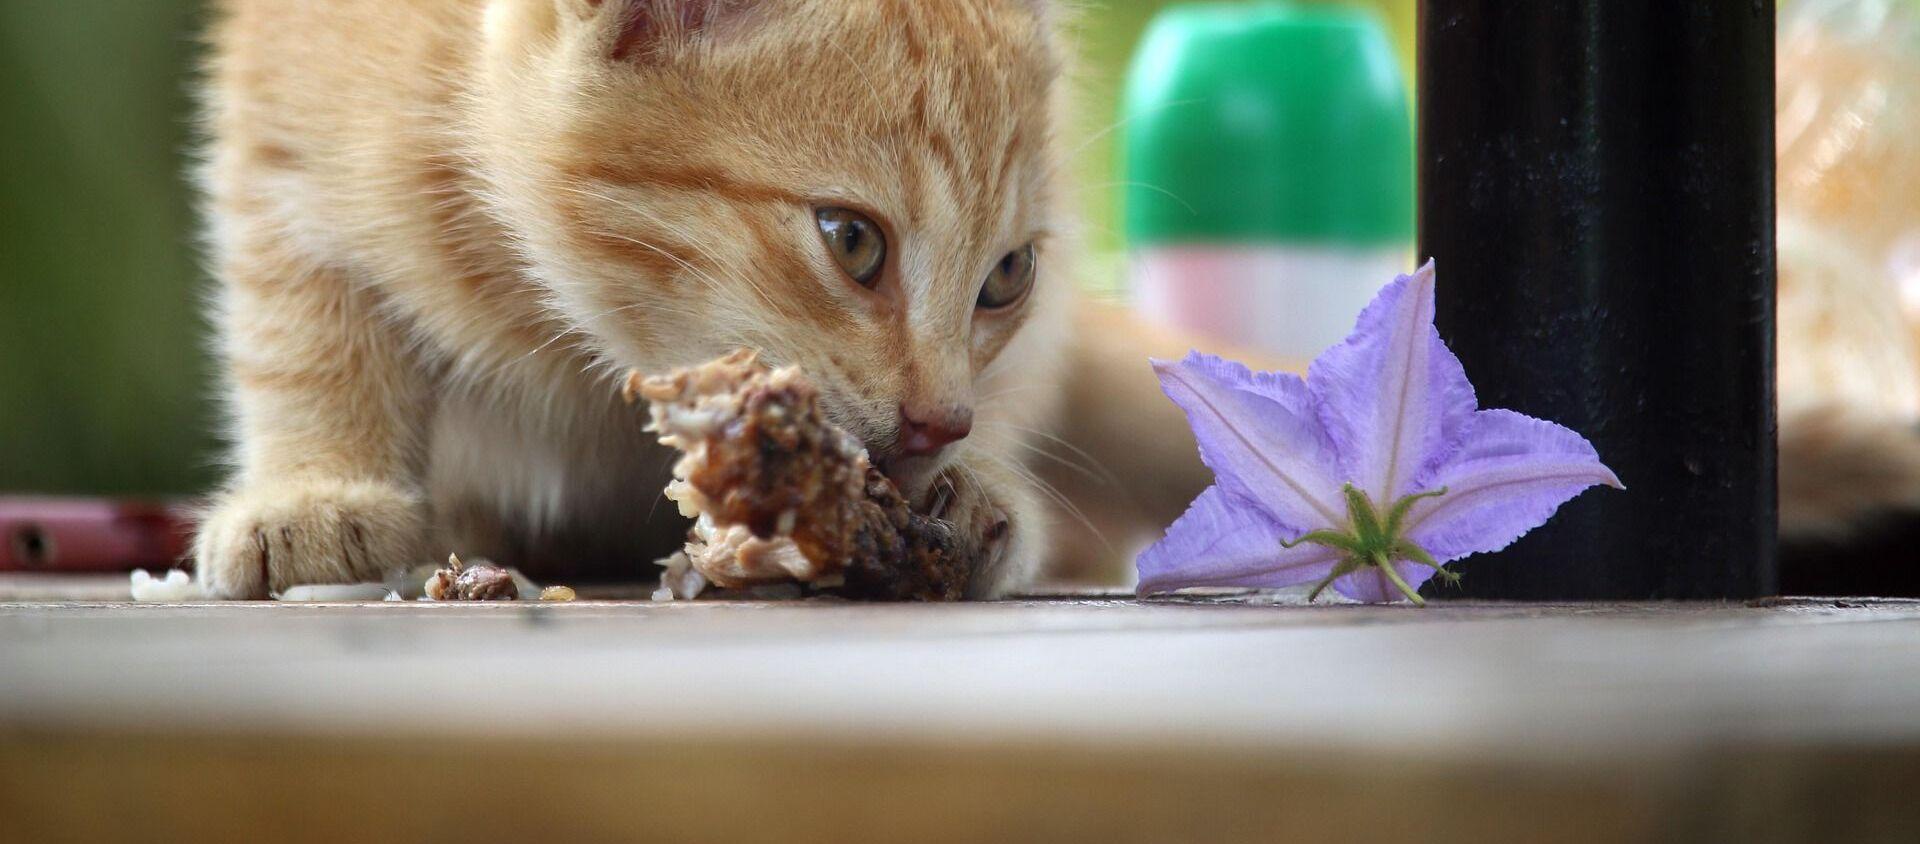 Упрямый котенок отжал у хозяина обед - Sputnik Южная Осетия, 1920, 02.08.2021